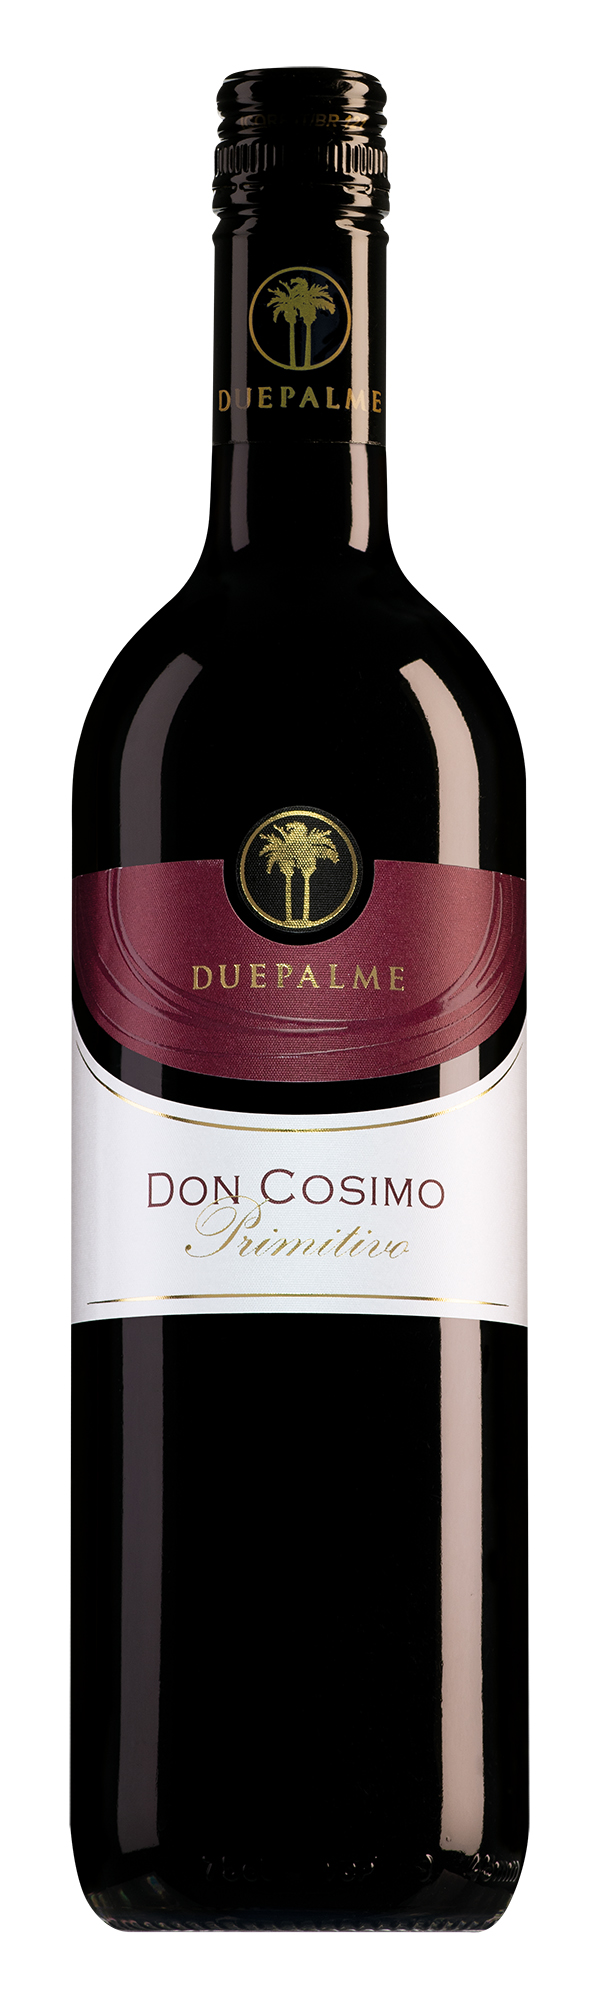 Cantine Due Palme Primitivo del Salento Don Cosimo